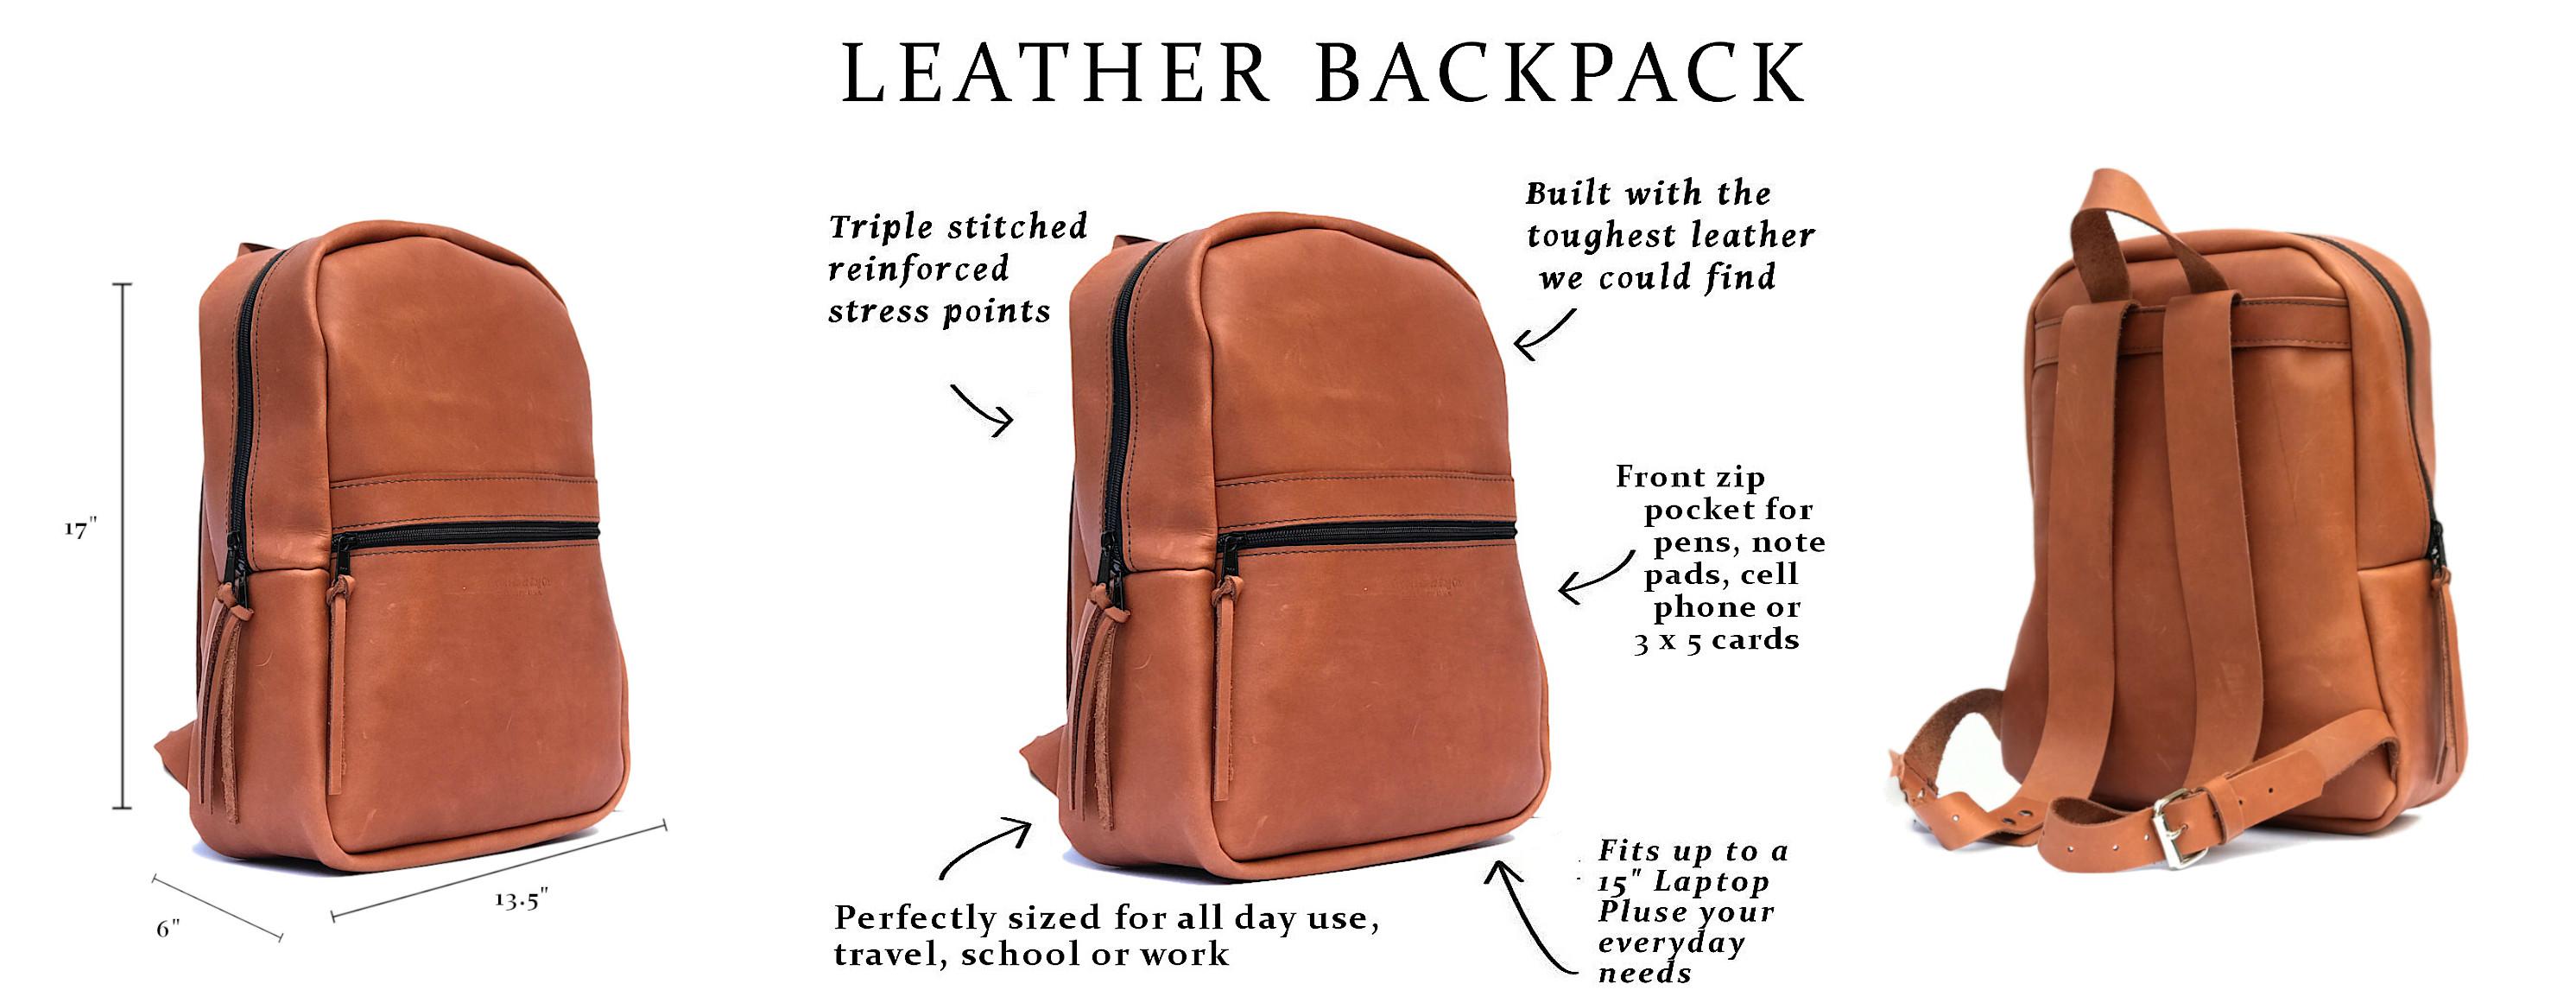 leather-back-pack-7954-copper-river-bag.jpg